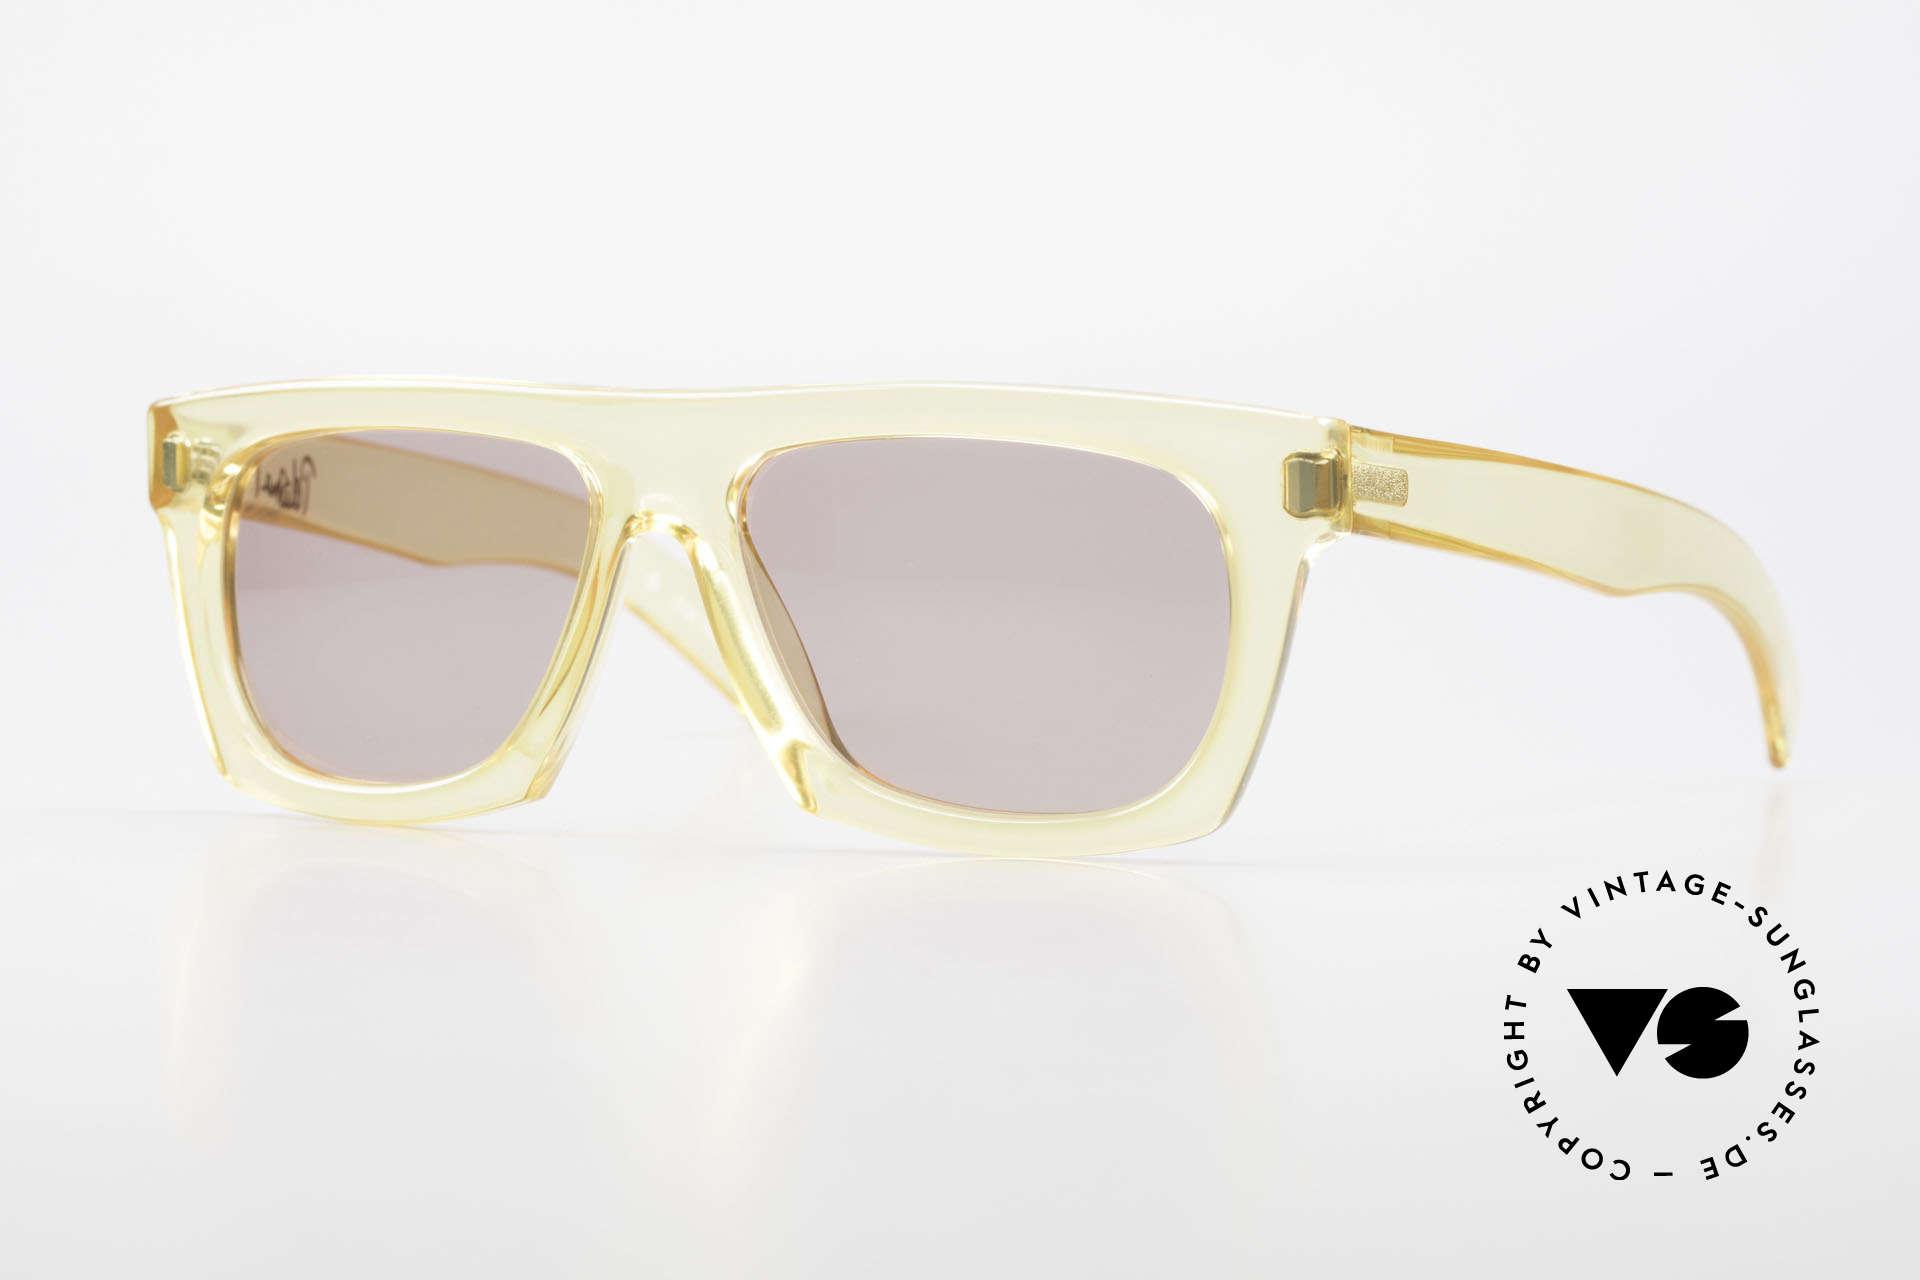 Paloma Picasso 1460 90er Original No Retrobrille, vintage Designersonnenbrille von Paloma Picasso, Passend für Herren und Damen